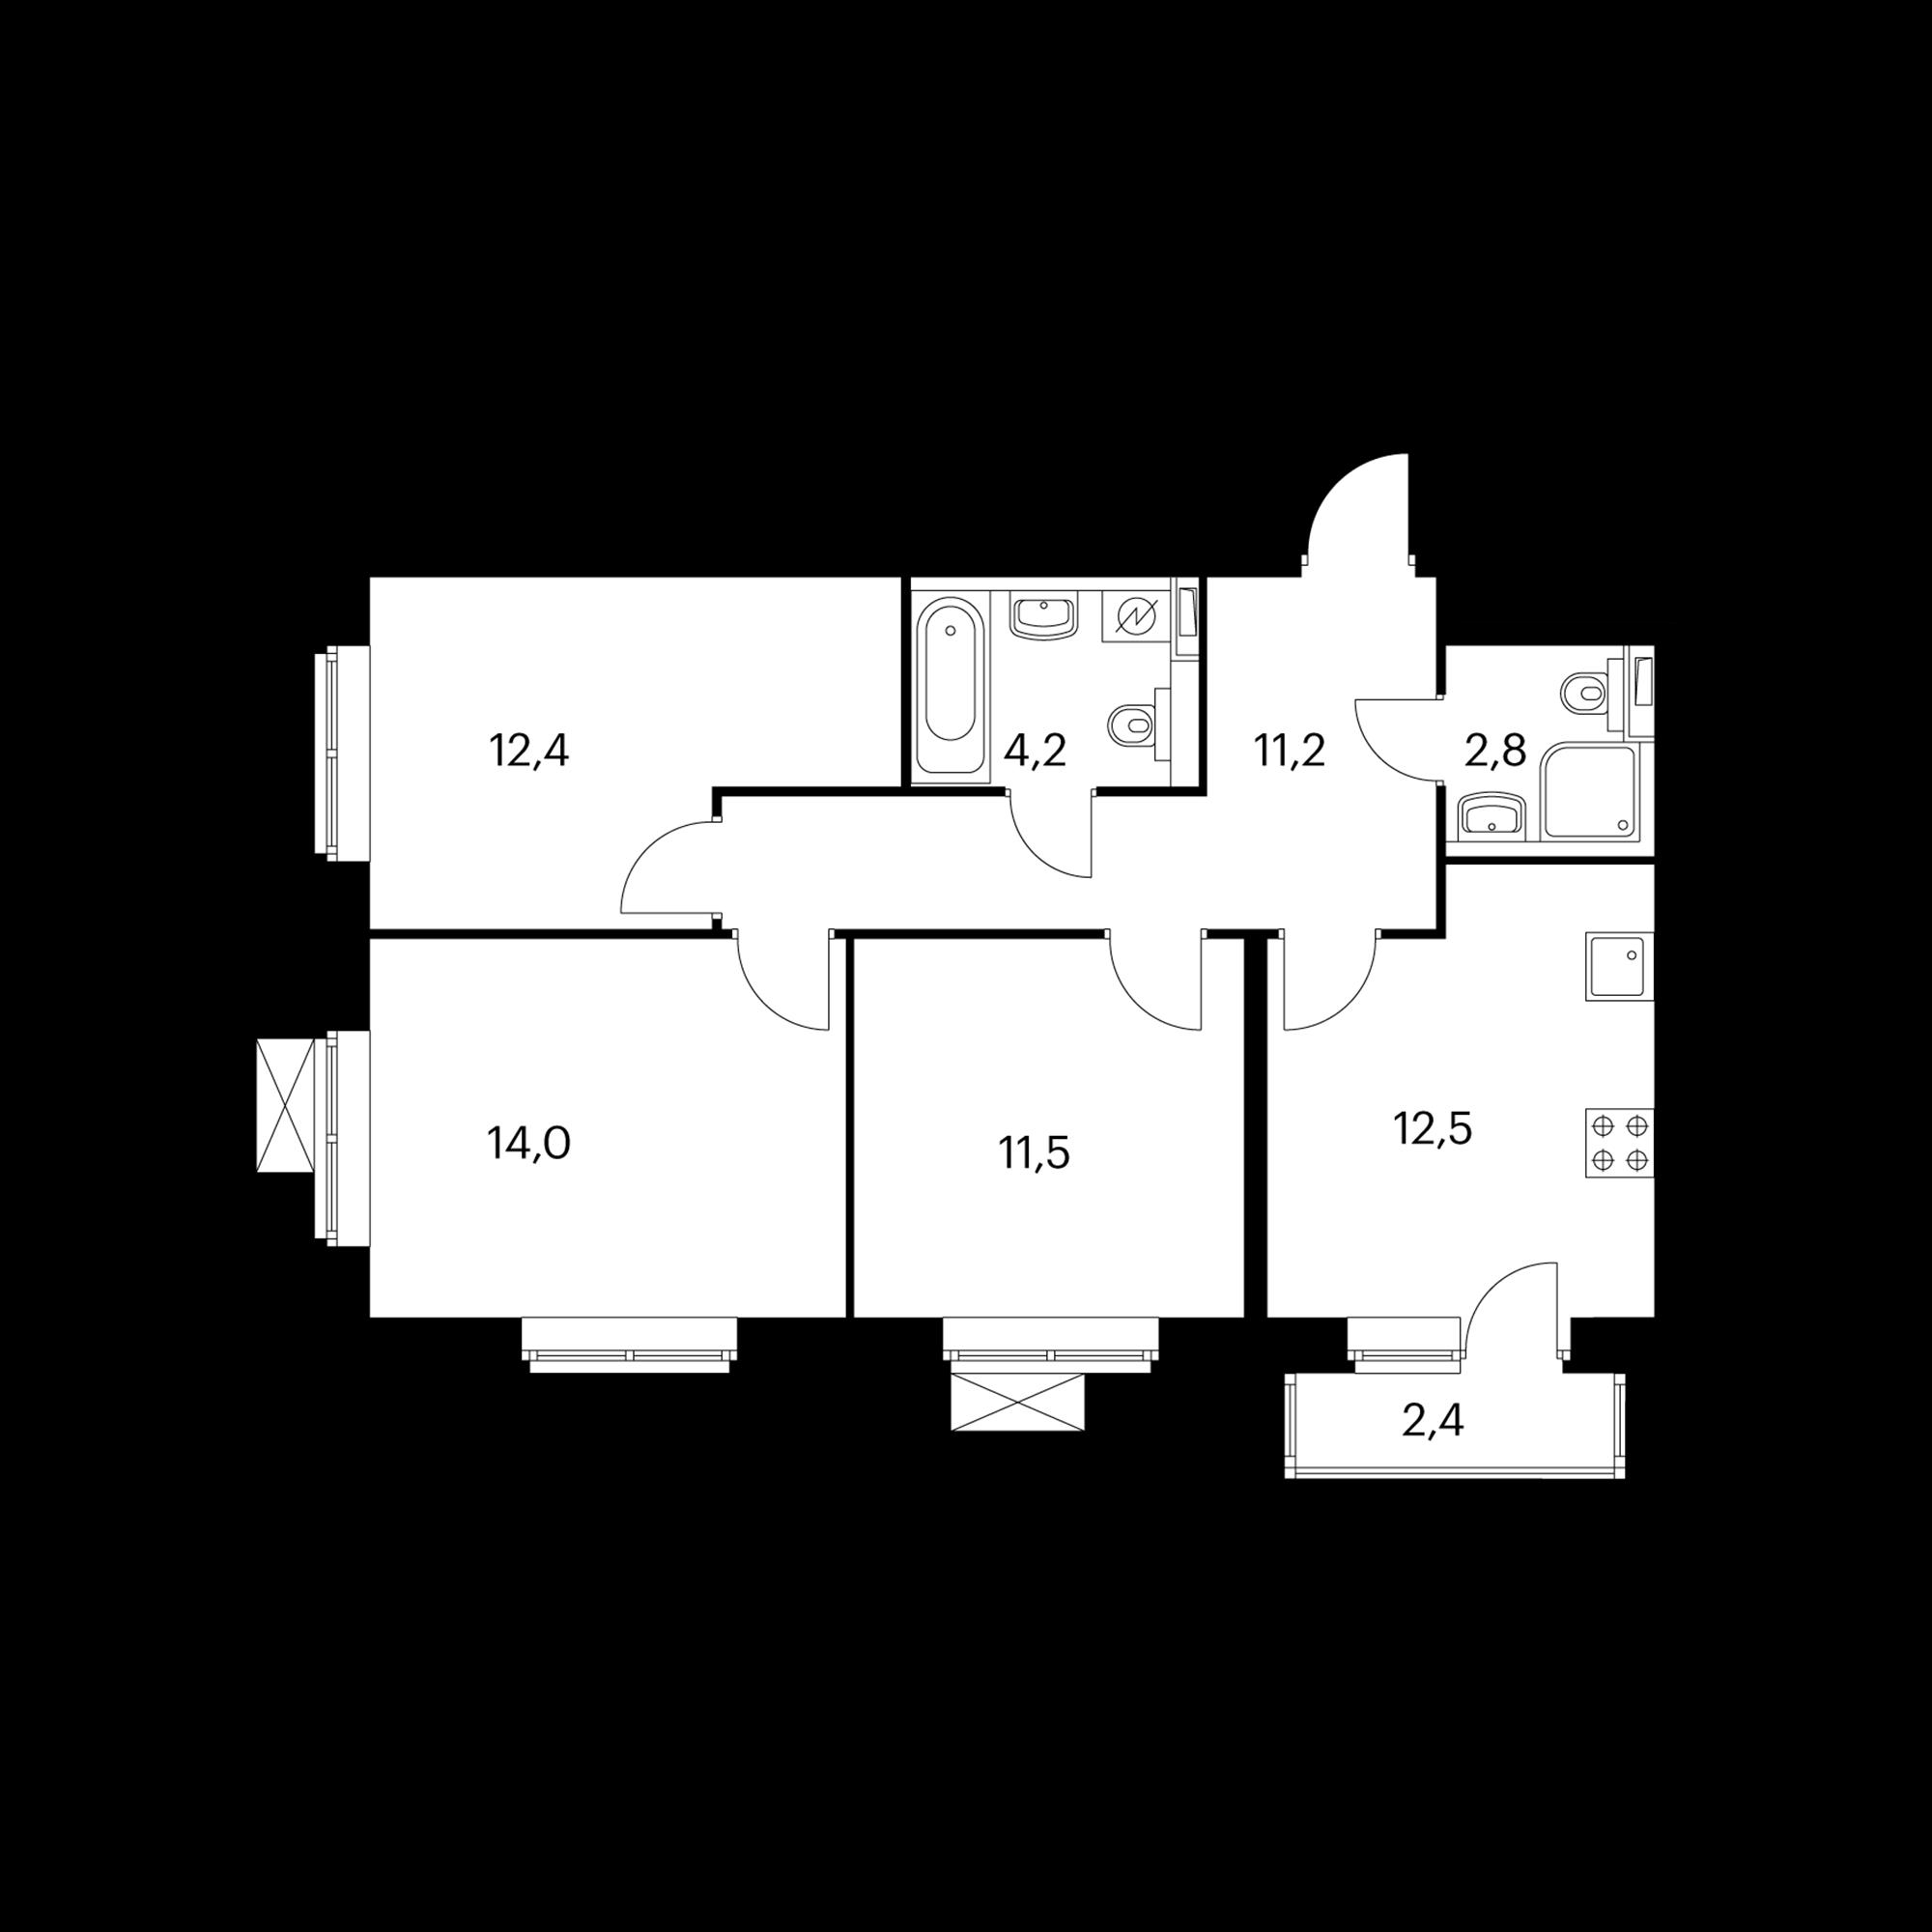 3KS9_6.6-1B